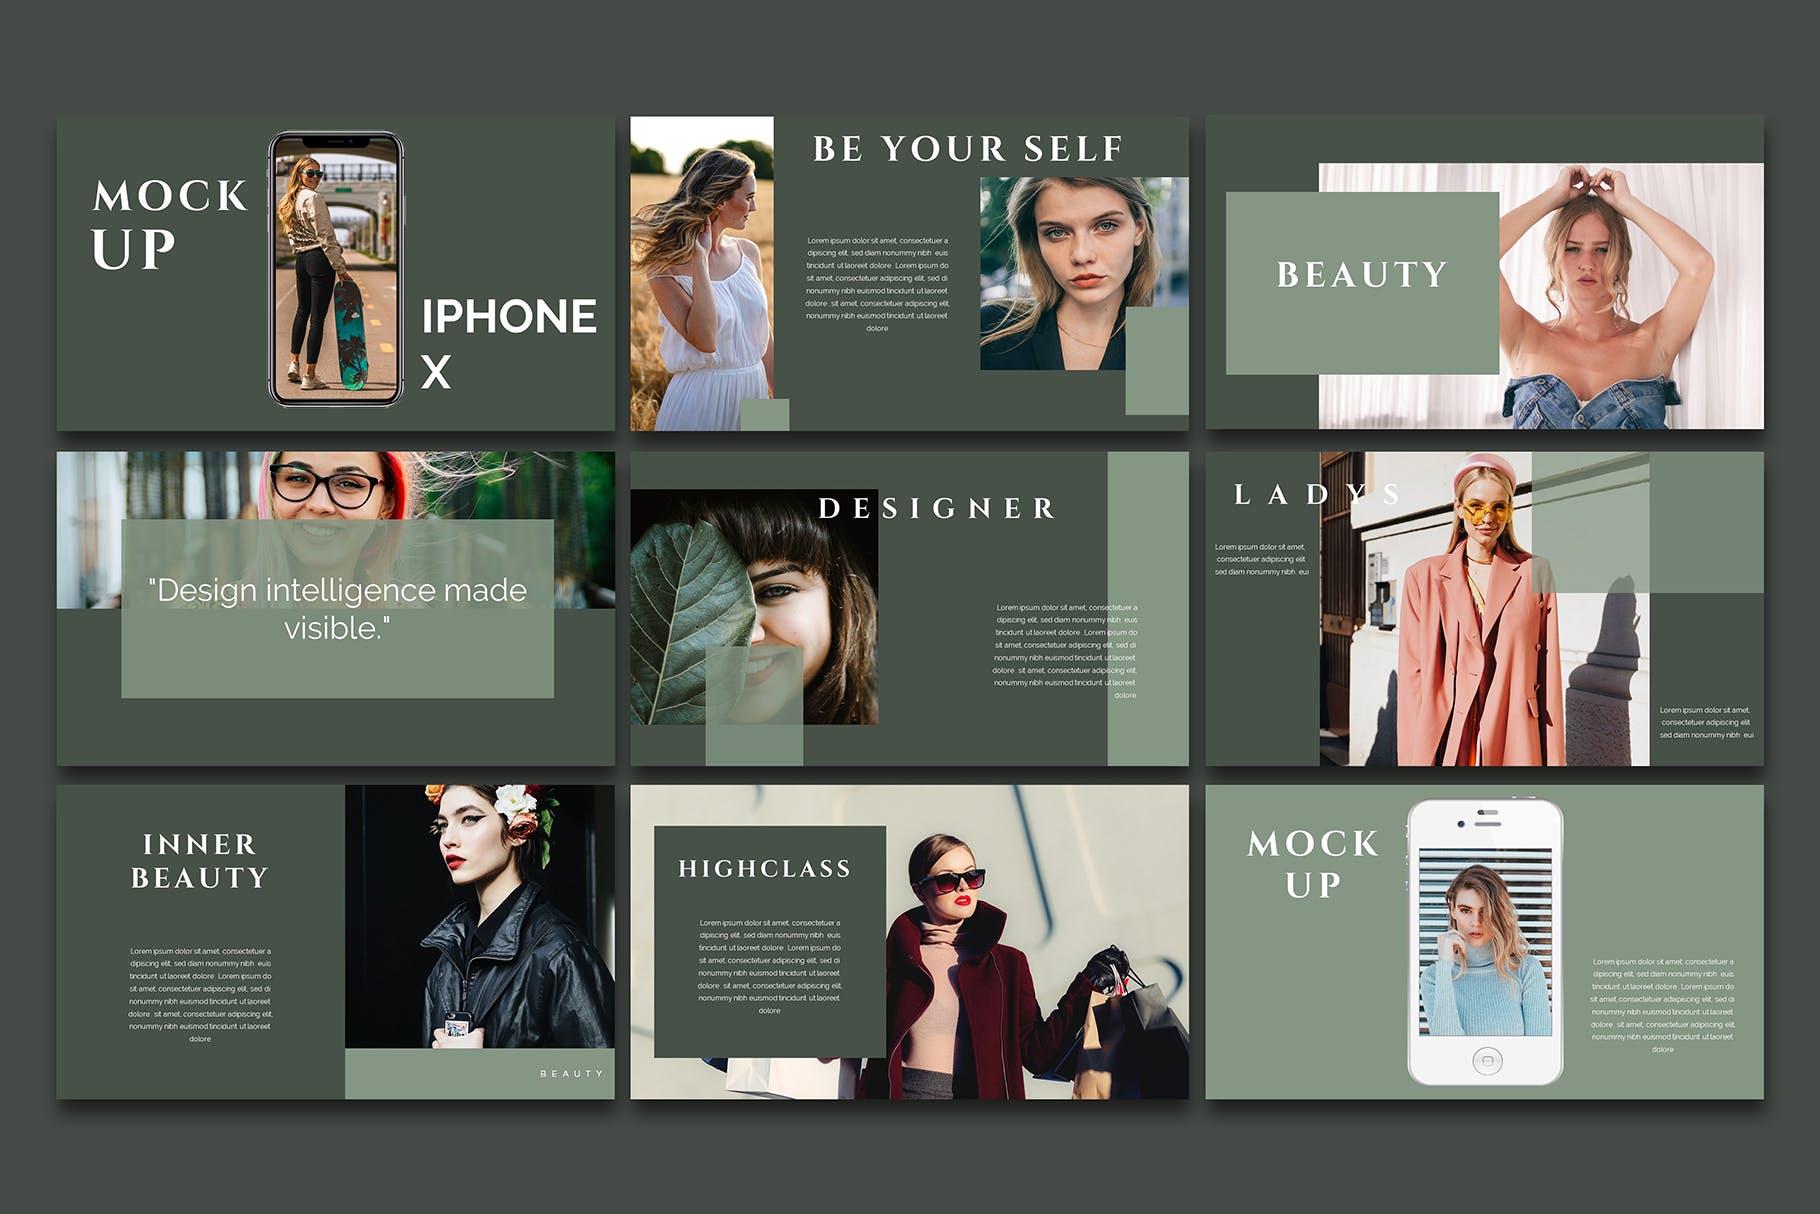 时尚优雅极简莫兰迪色时尚品牌推广PPT演示文稿模板 Arriety – PowerPoint Template插图(4)